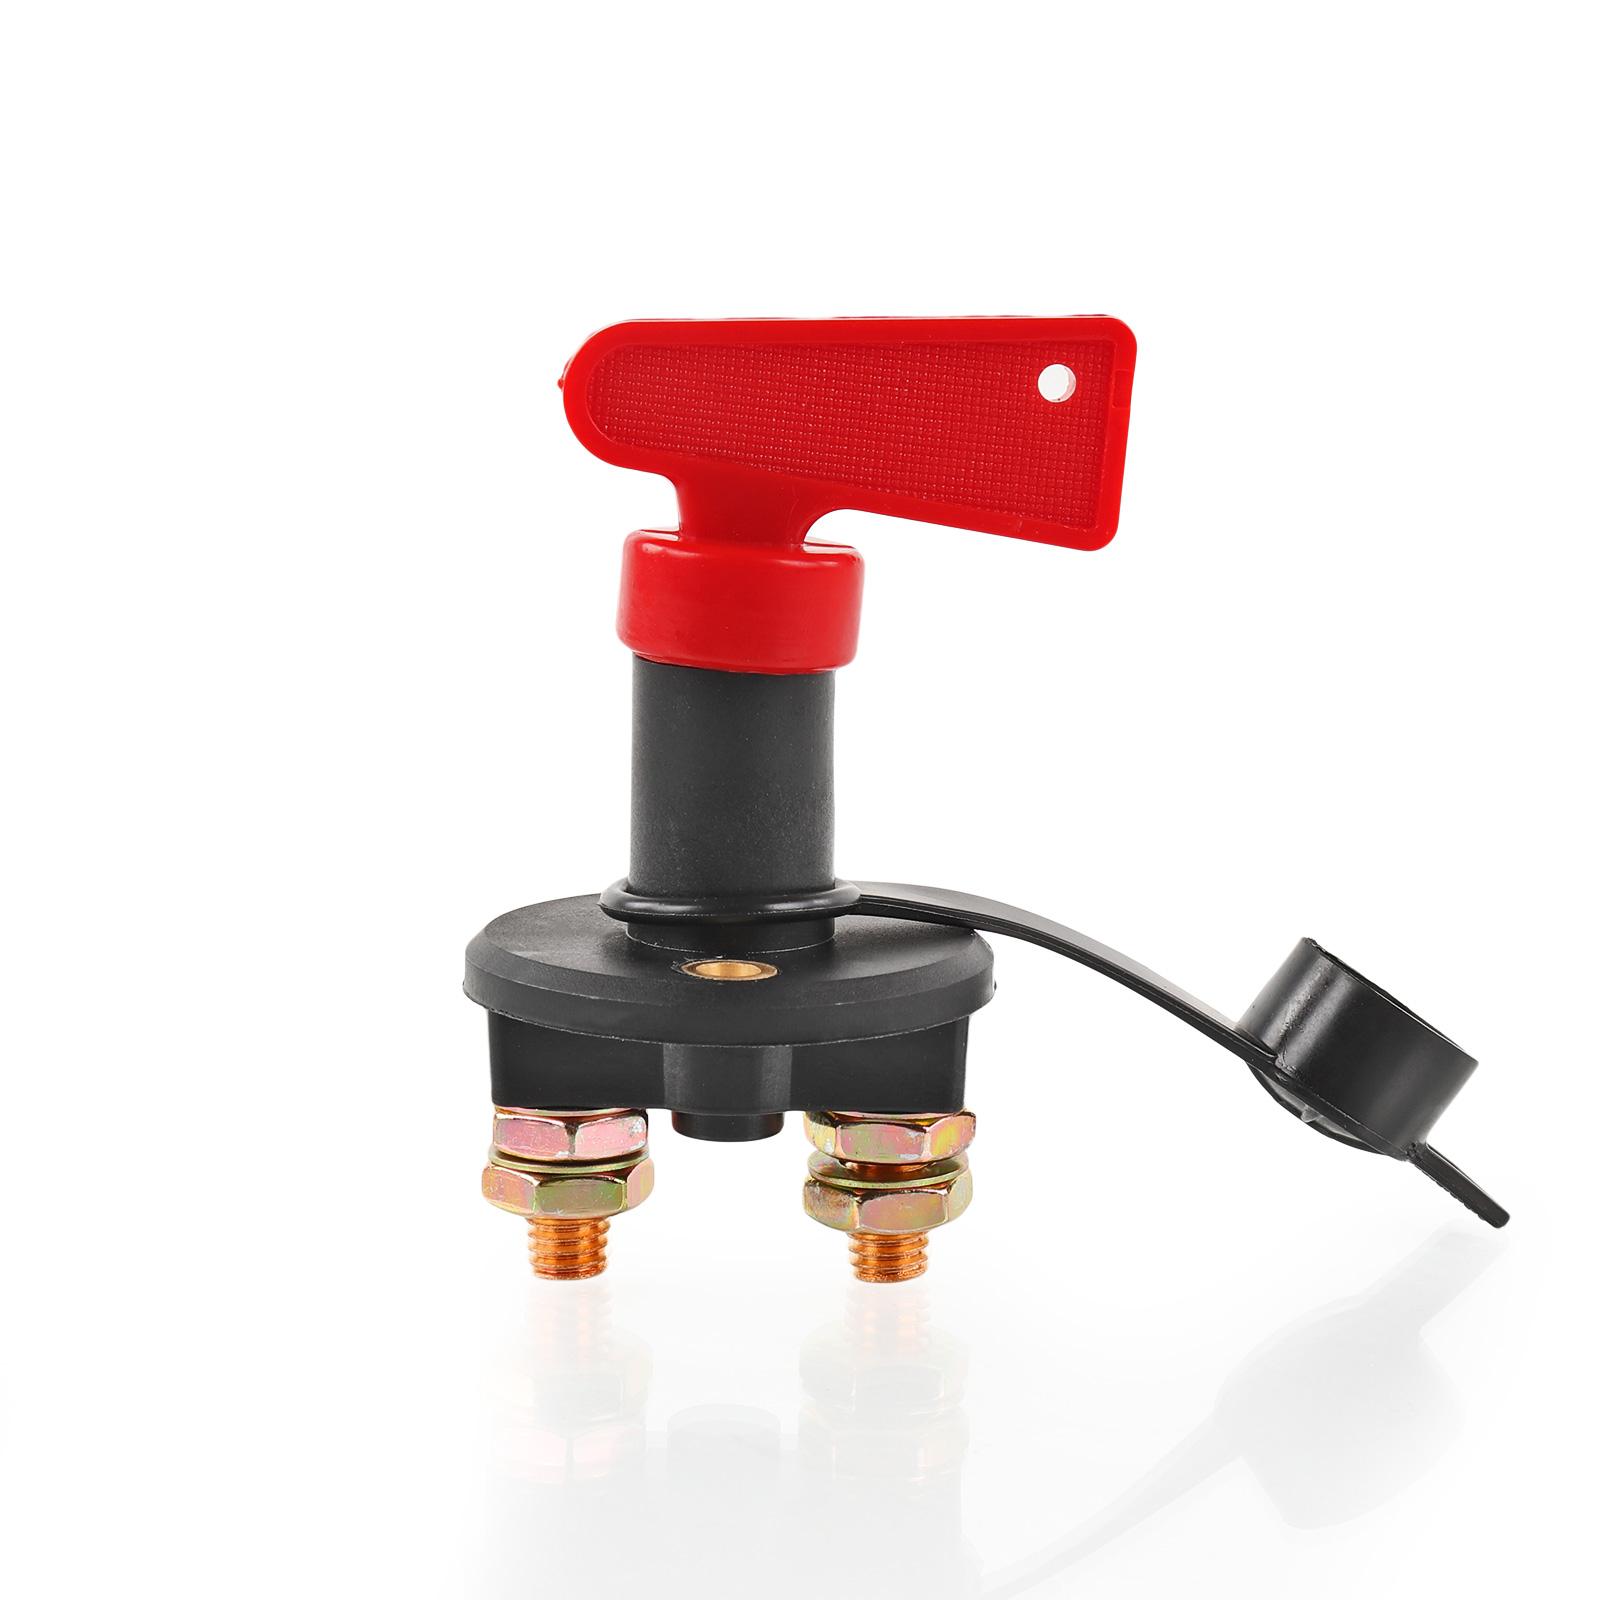 Batterie Trennschalter 12-24 Volt 200 Ampere, Schlüsselform, mit Staubkappe